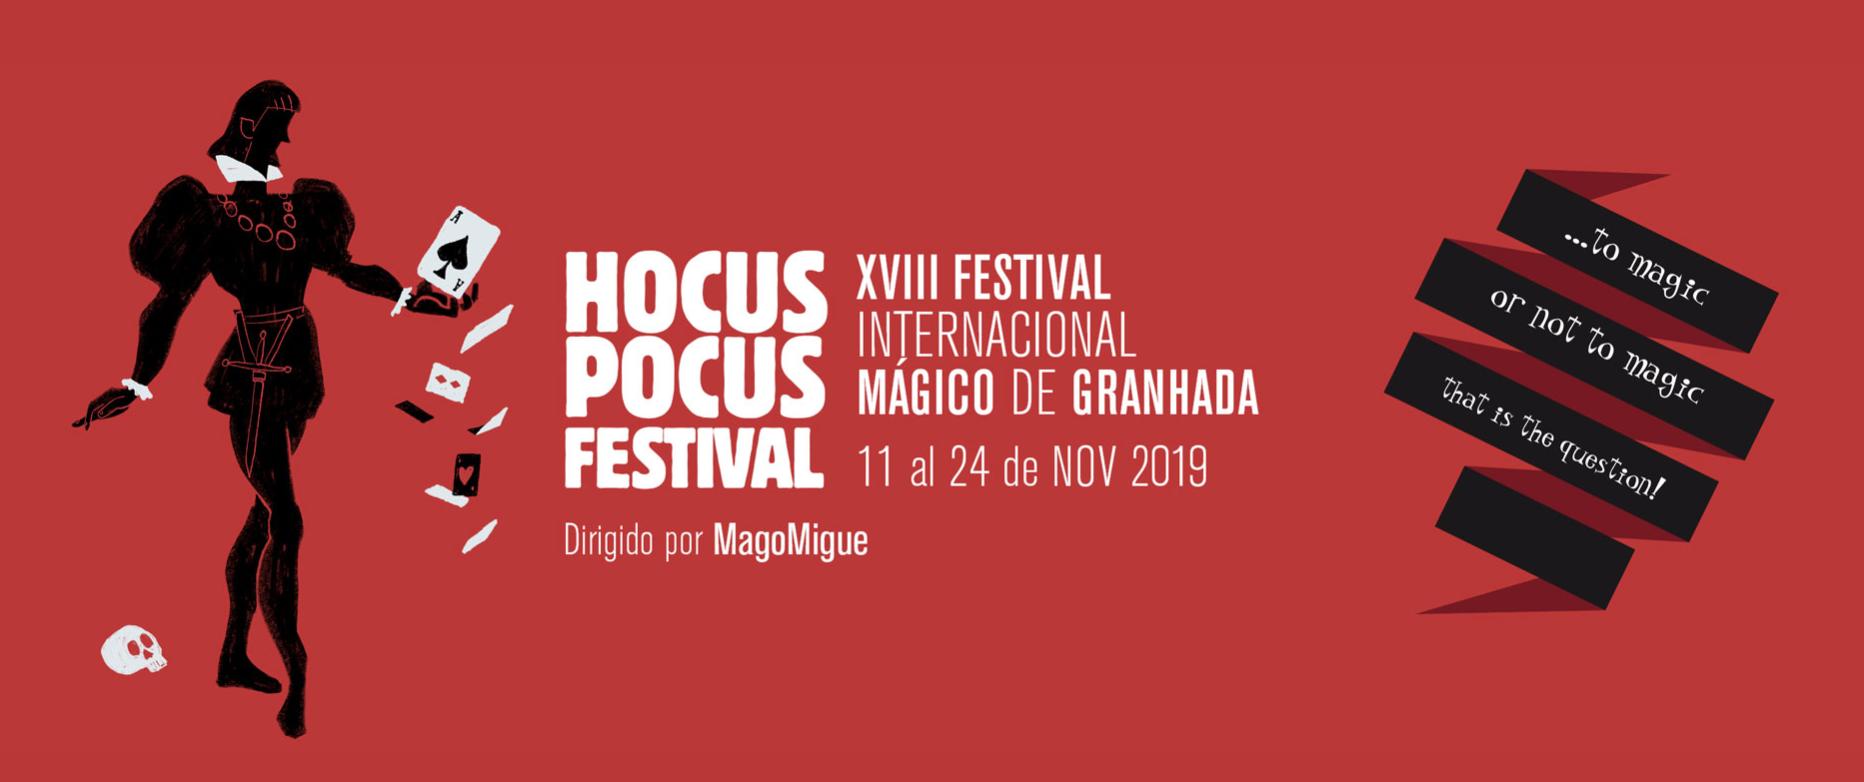 18ª edición del festival de magia de GranHada Hocus Pocus 2019